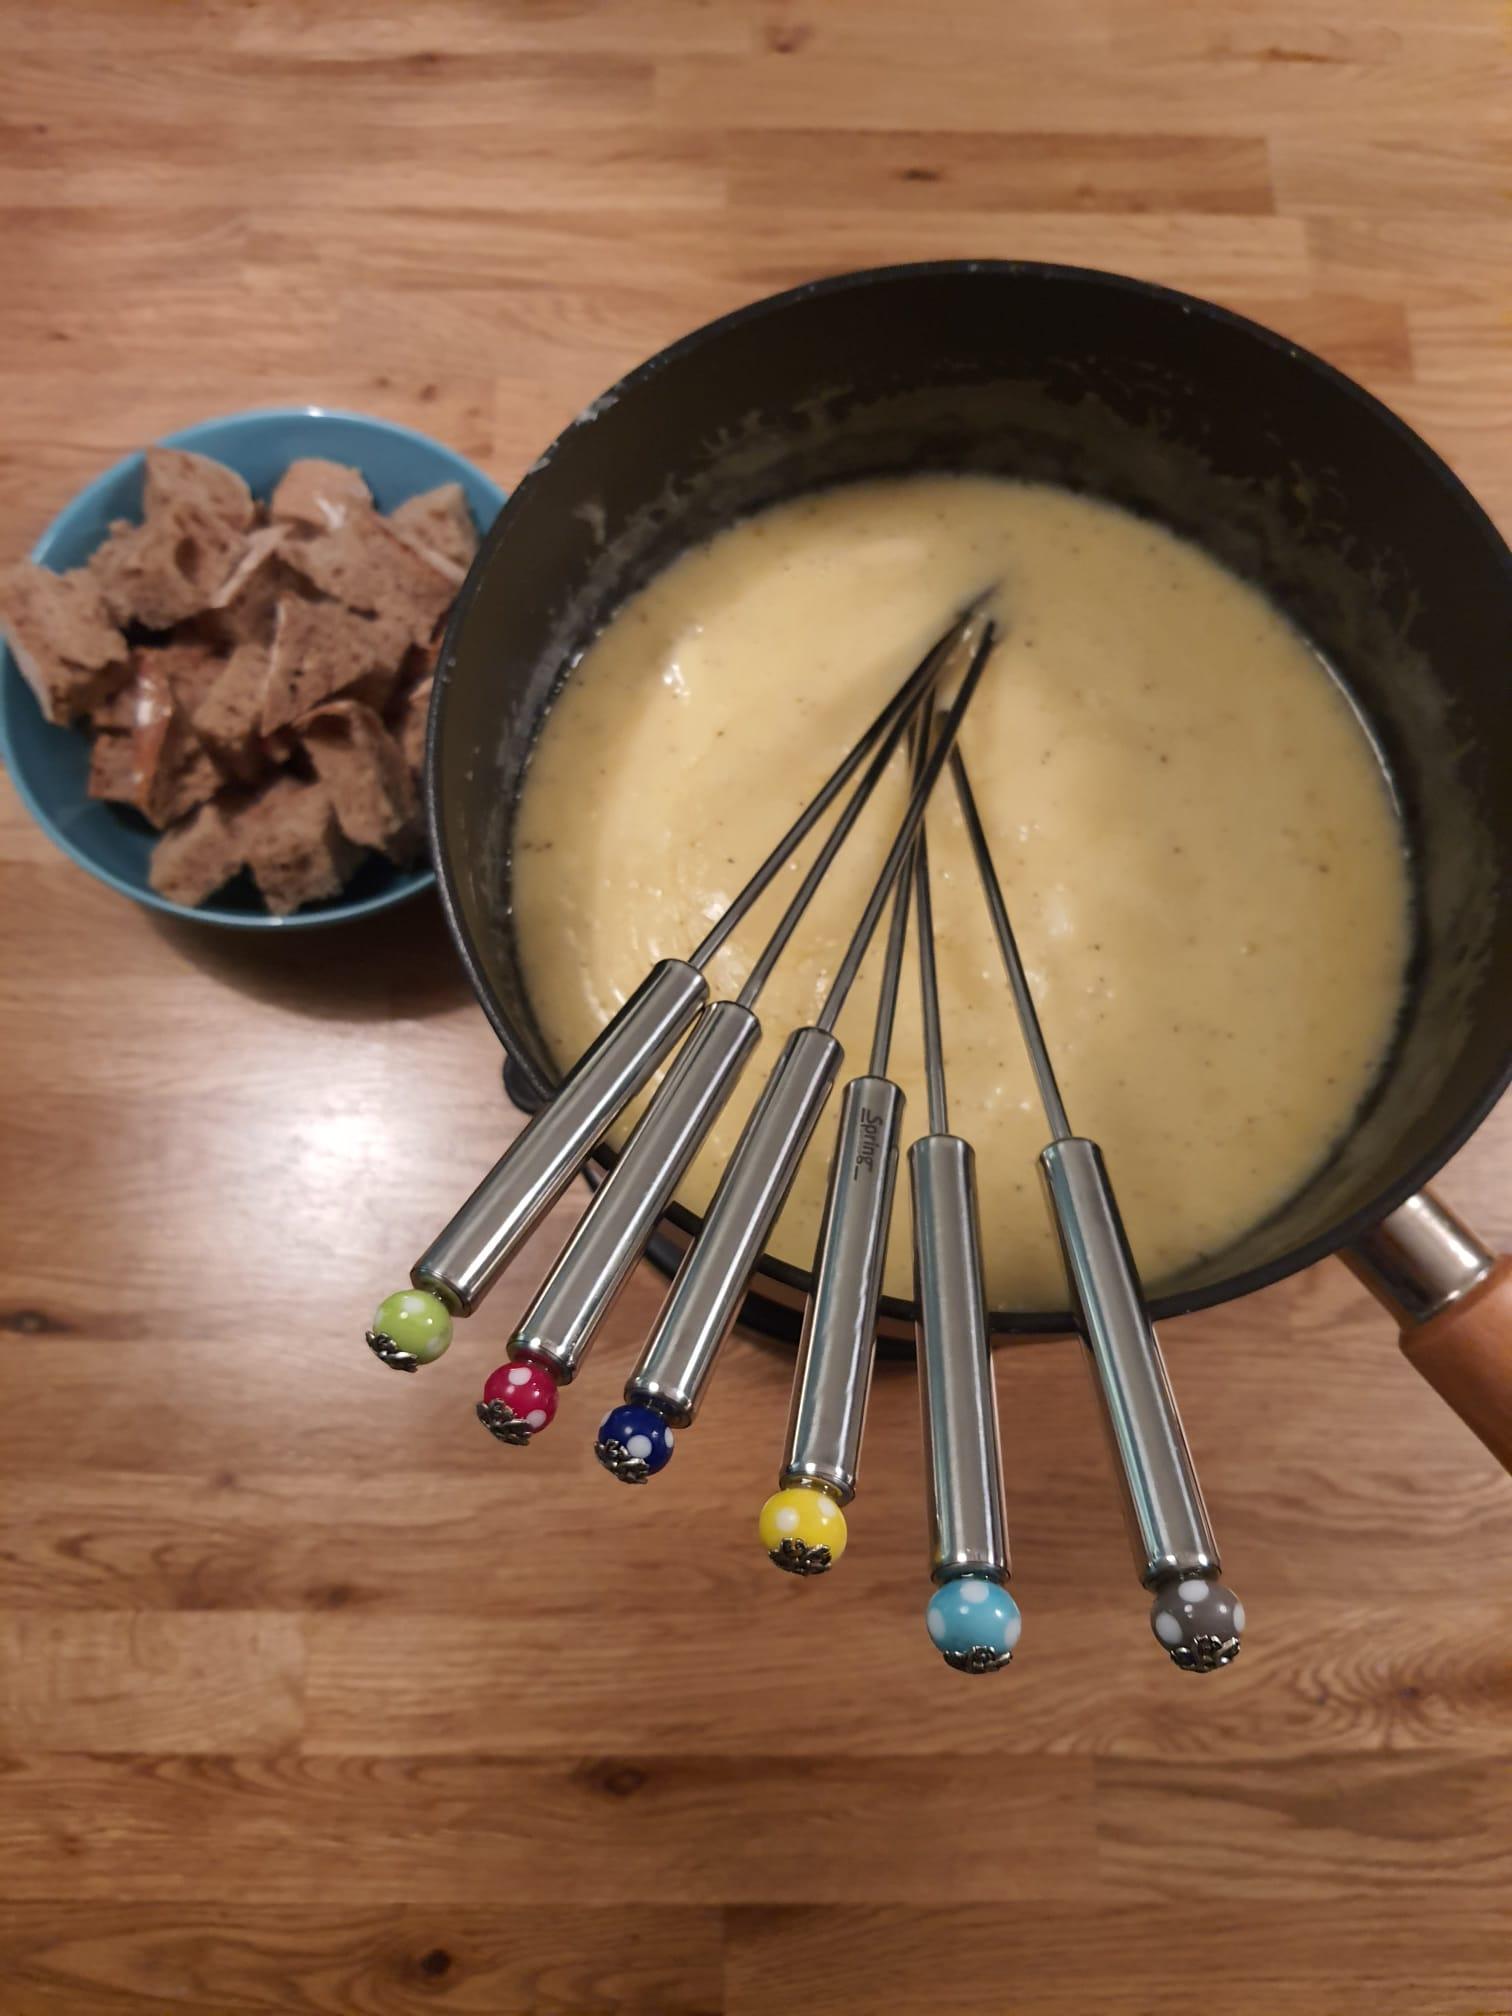 Käse & Fleisch Fonduegabeln aus Edelstahl mit je 6 Glasperlen